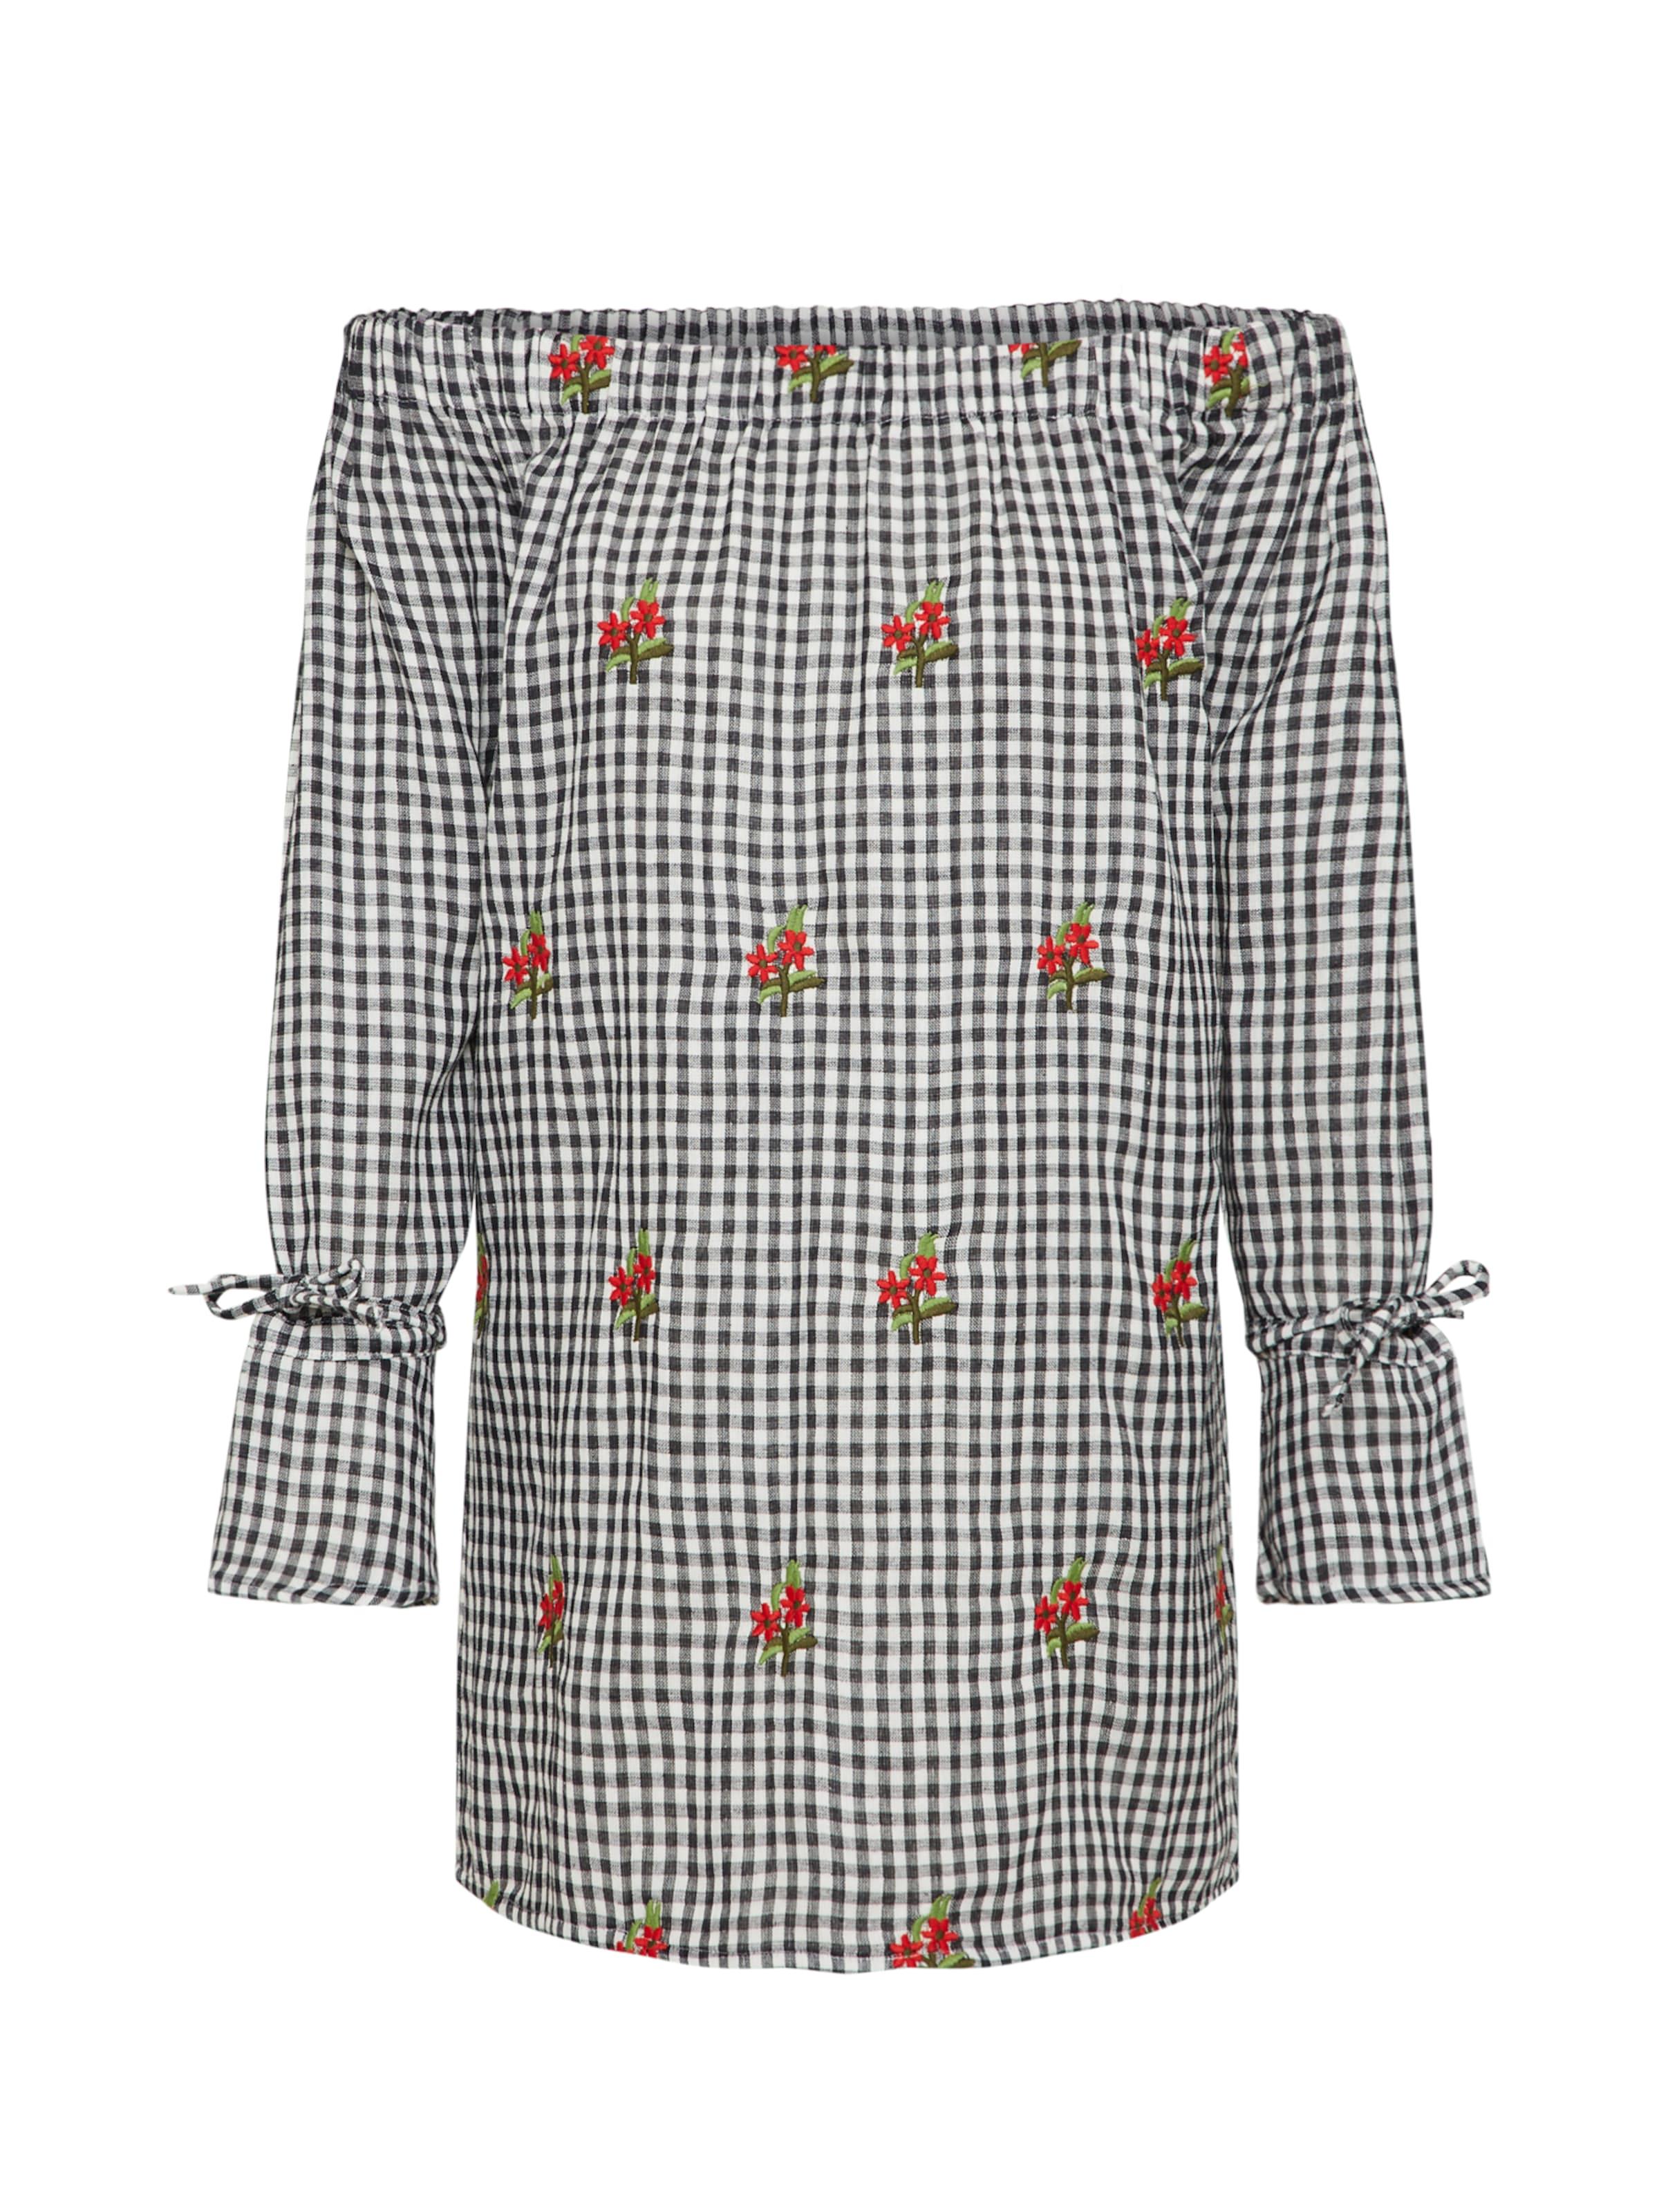 Boohoo SchwarzWeiß 'rita Embroidered Shift' Gingham In Kleid qVSpzMU